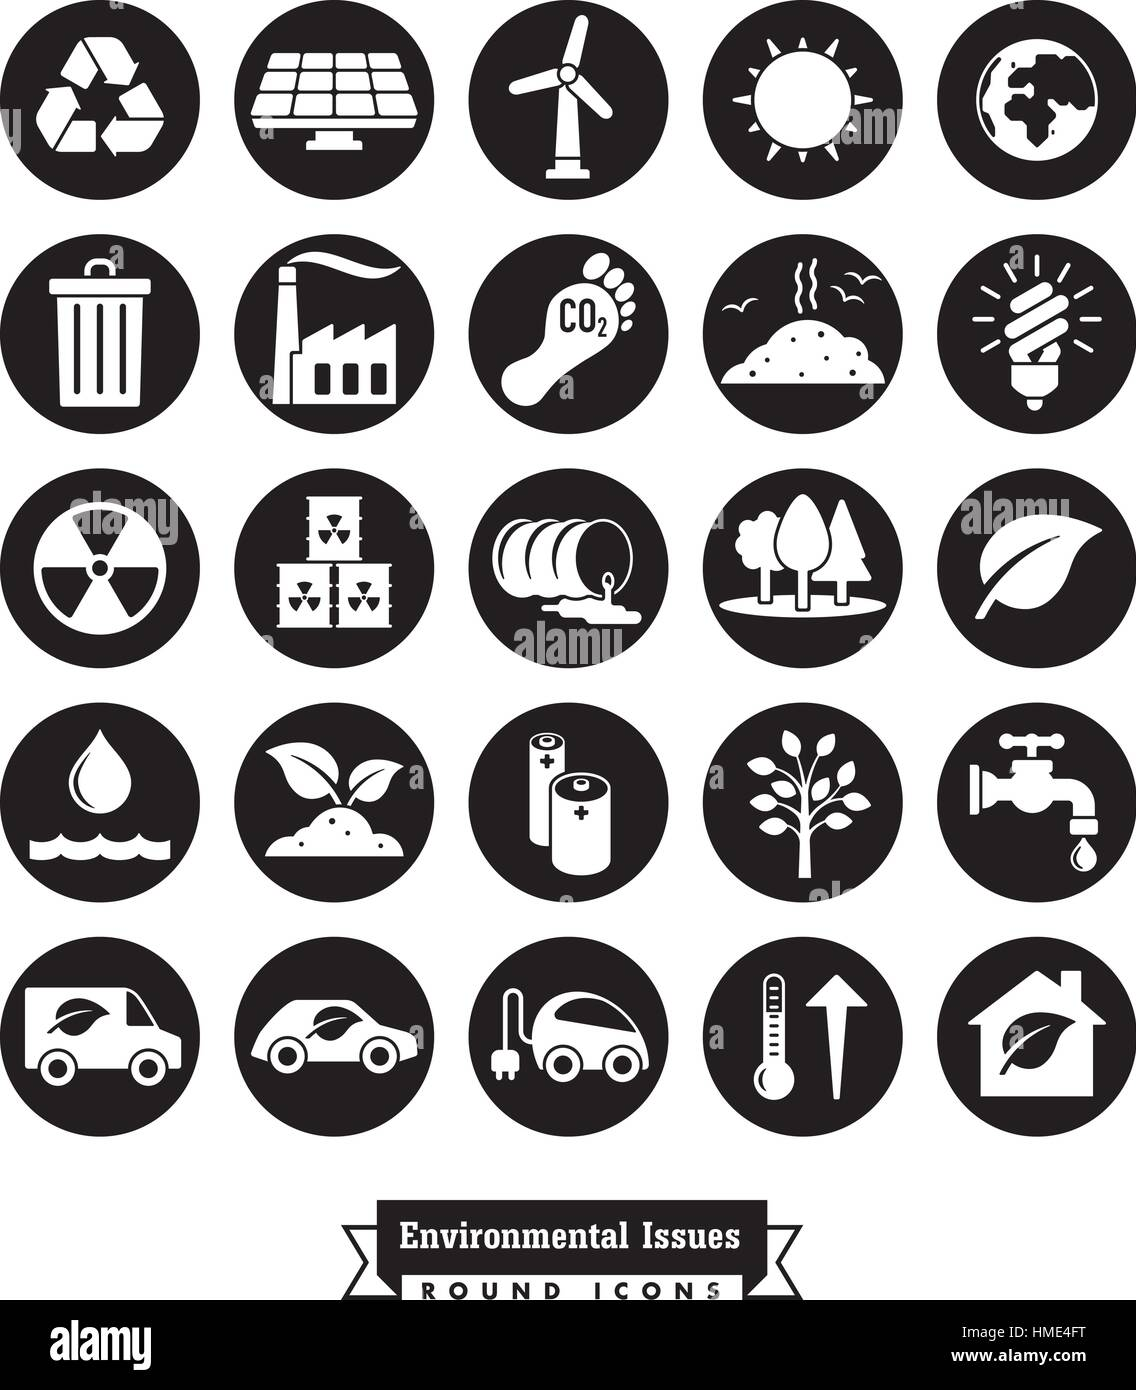 Collection de l'environnement et des changements relatifs round vector icons Illustration de Vecteur